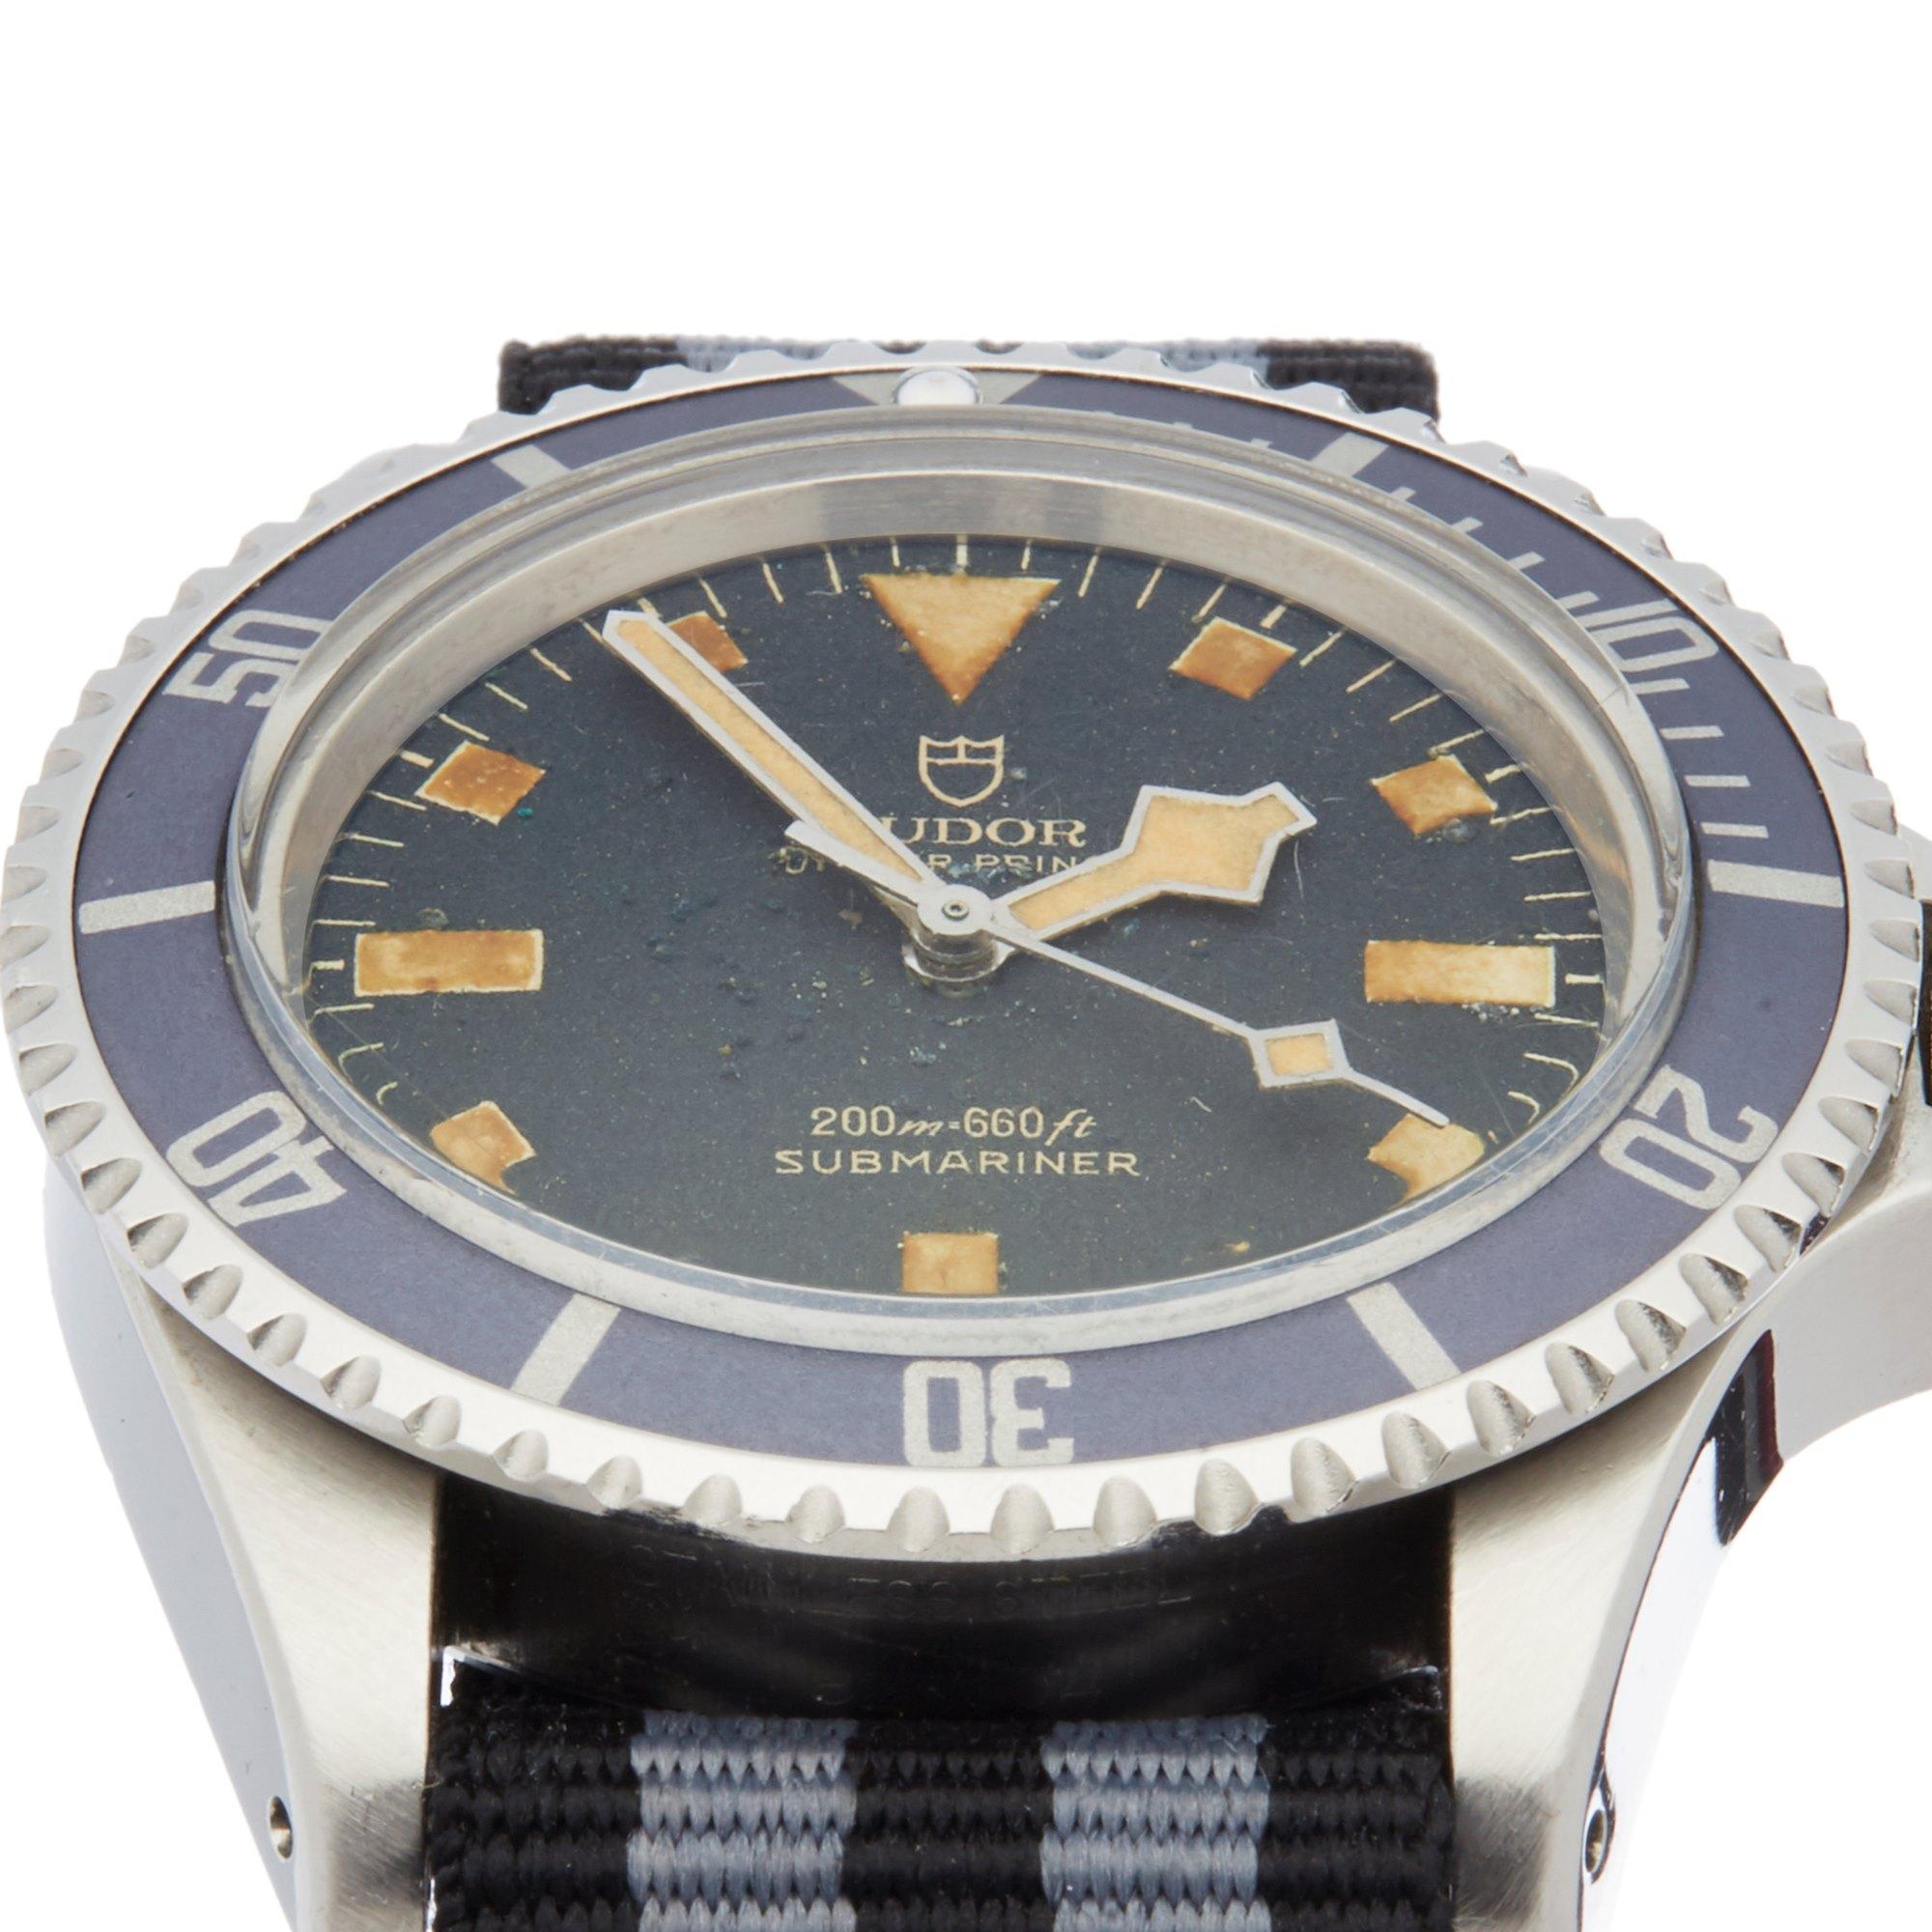 Tudor Submariner Gilt Snowflake Stainless Steel 7016